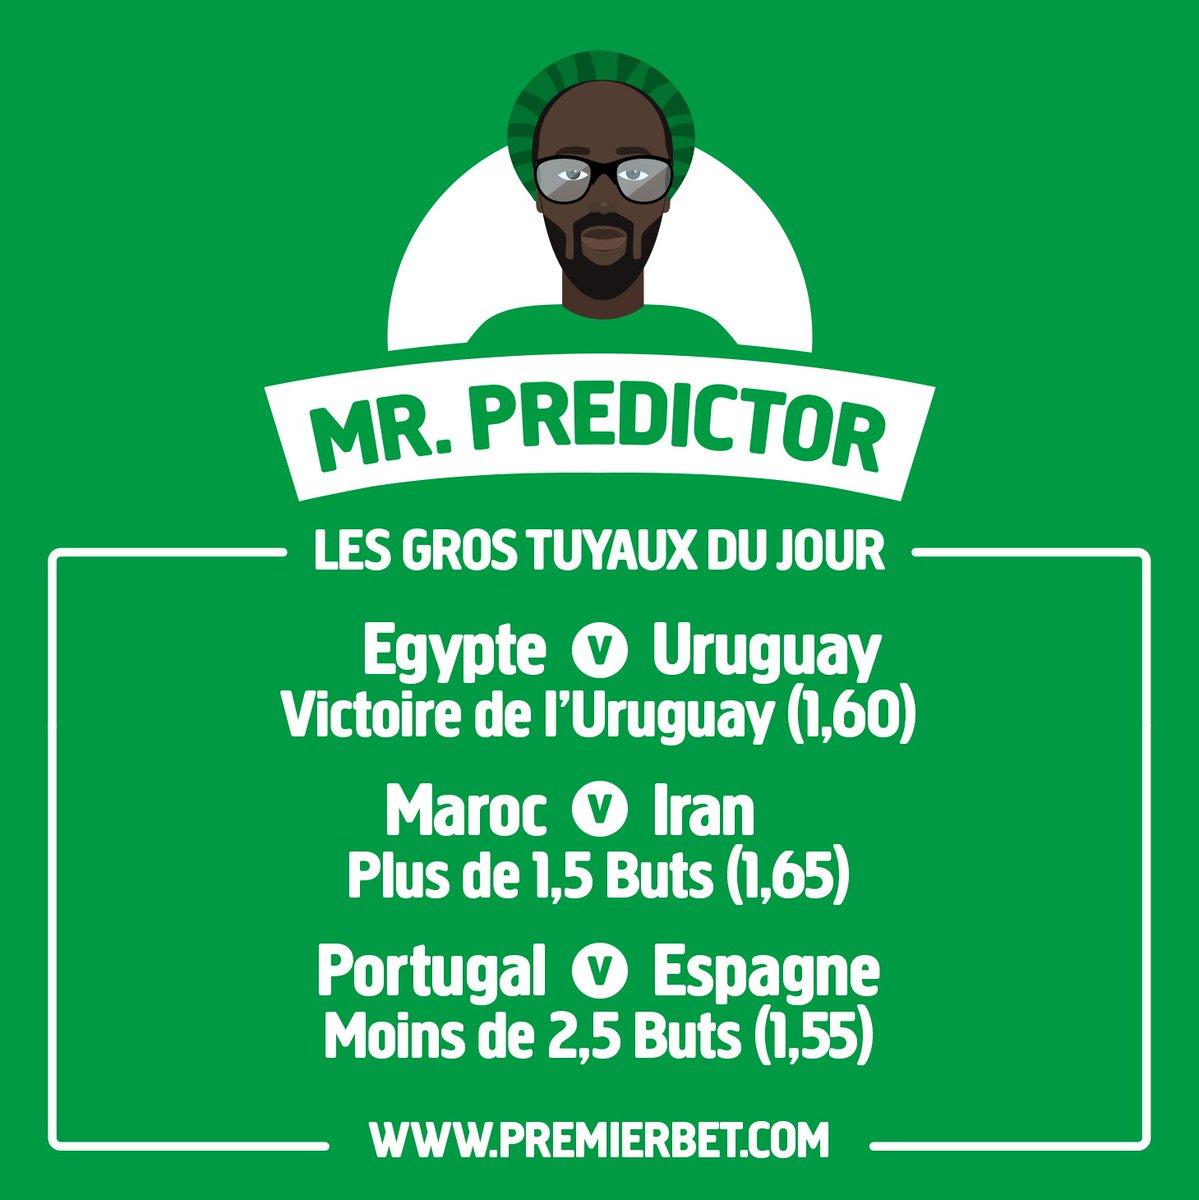 Sur qui pariez-vous aujourd'hui pour les matchs de Coupe du Monde ? Nous avons demandé l'avis de Mr. Predictor. #Portugal #Egypte #Espagne #Maroc #Uruguay  - FestivalFocus